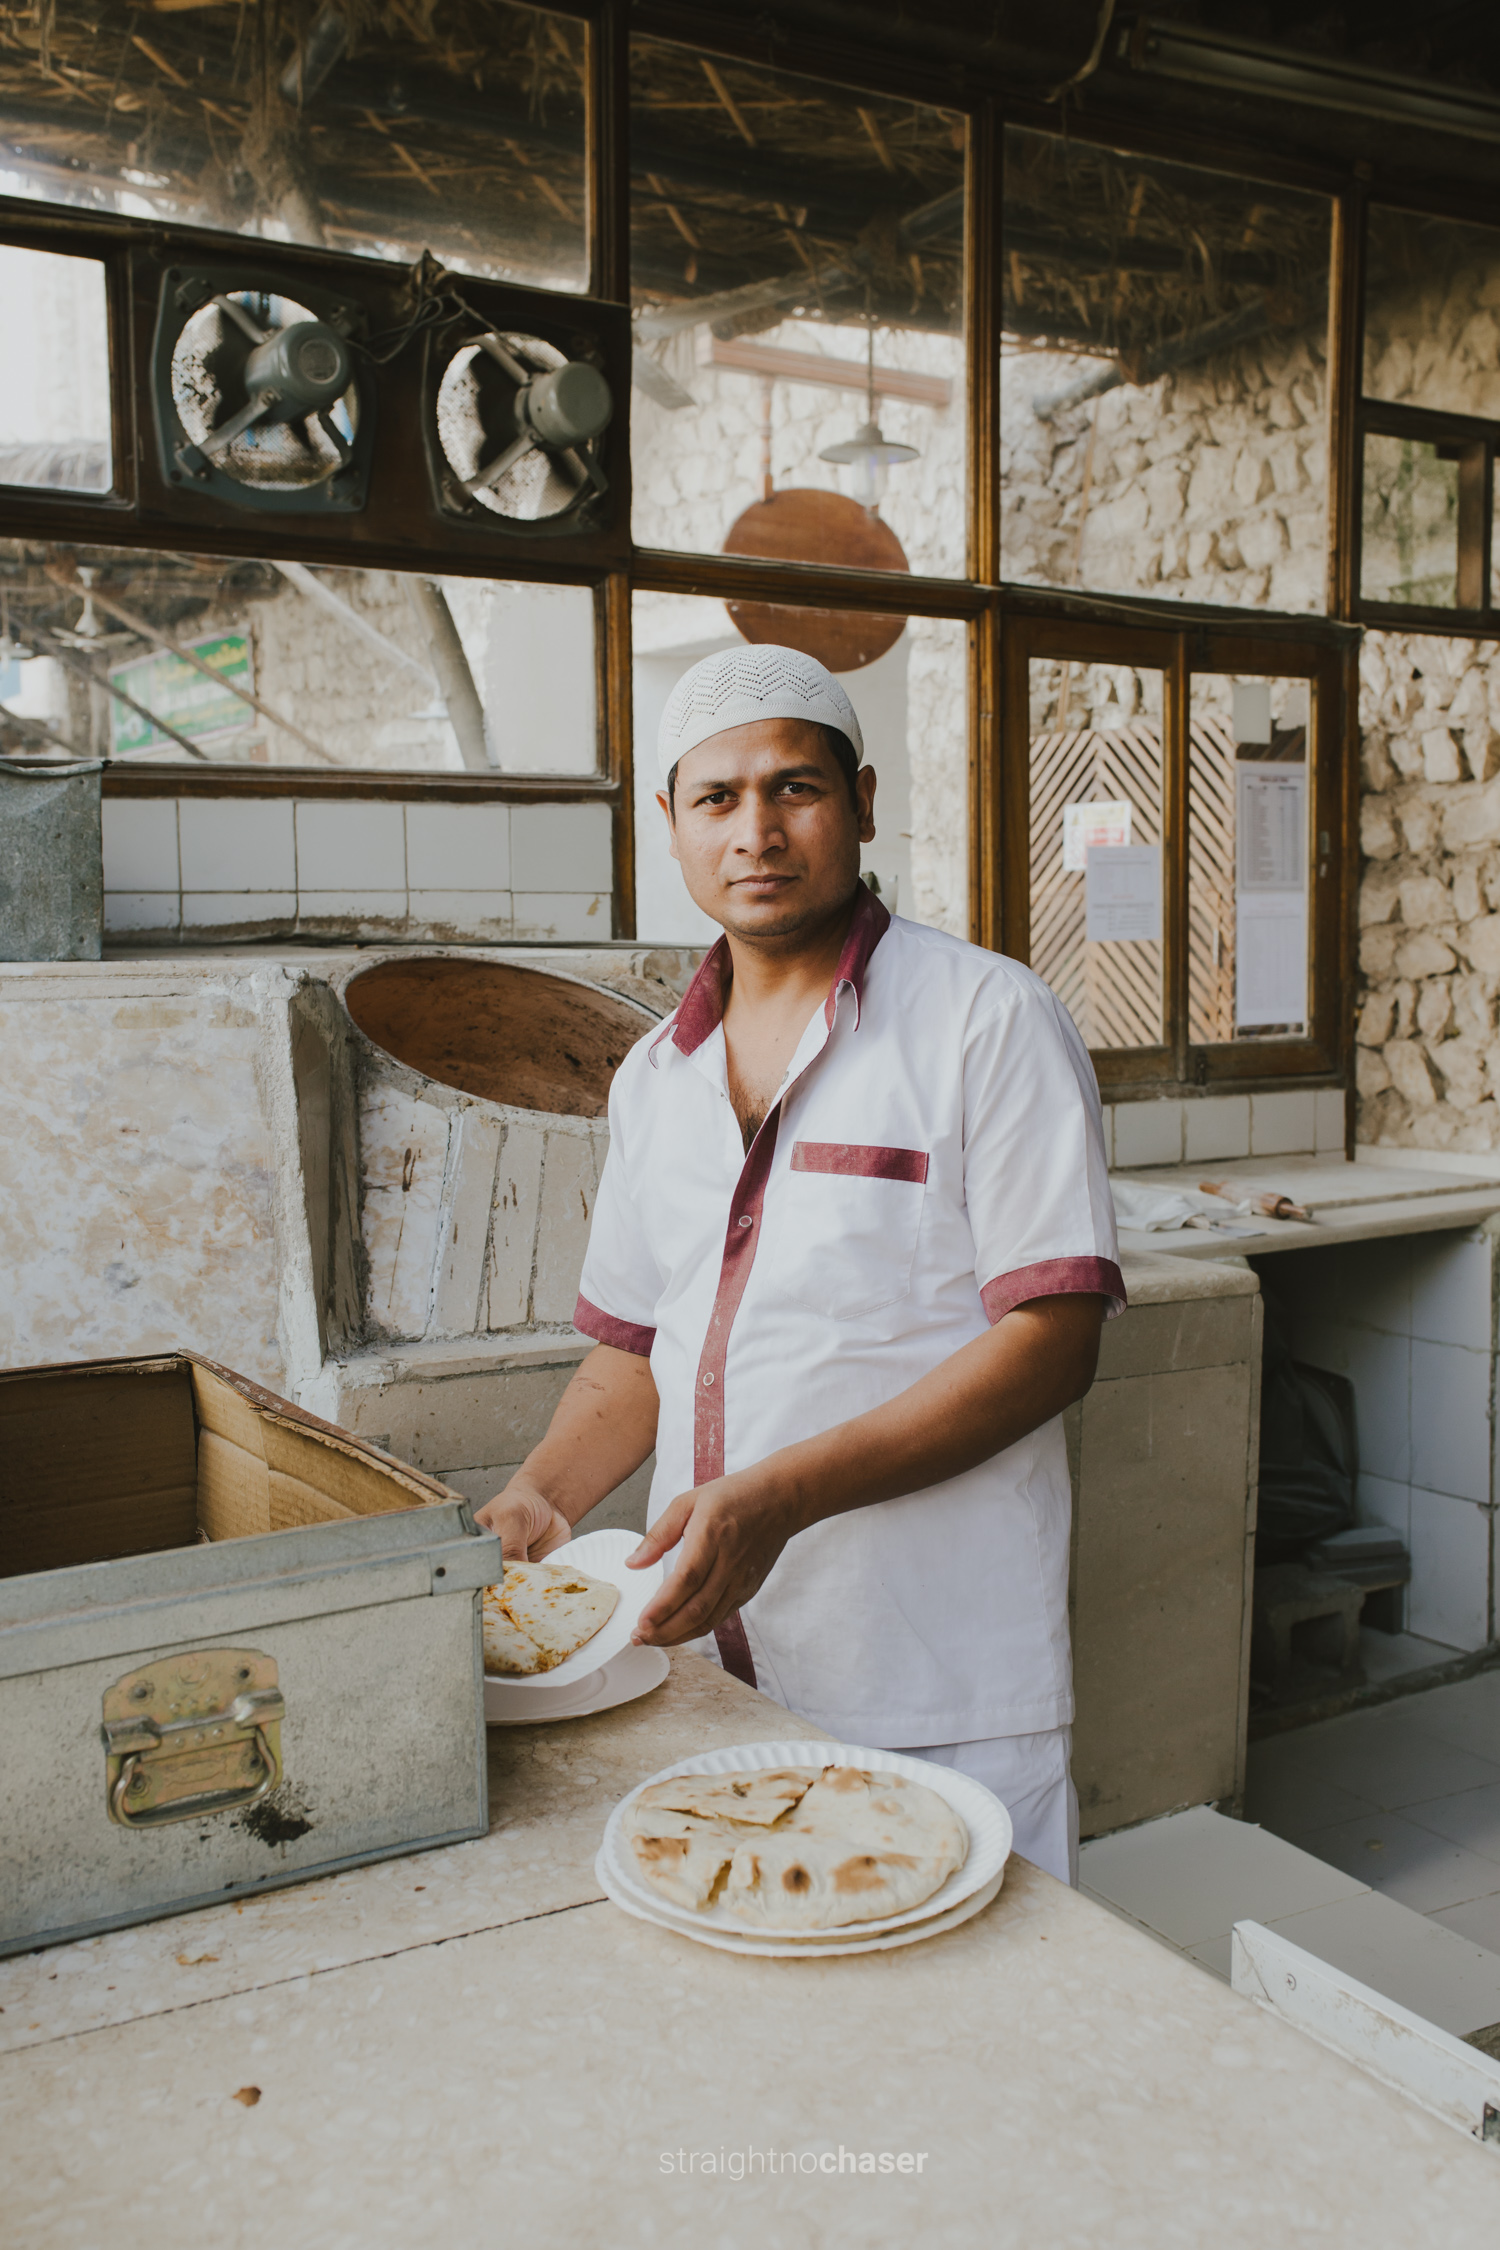 Bread shop: Street Food in Souq Waqif Doha, Qatar